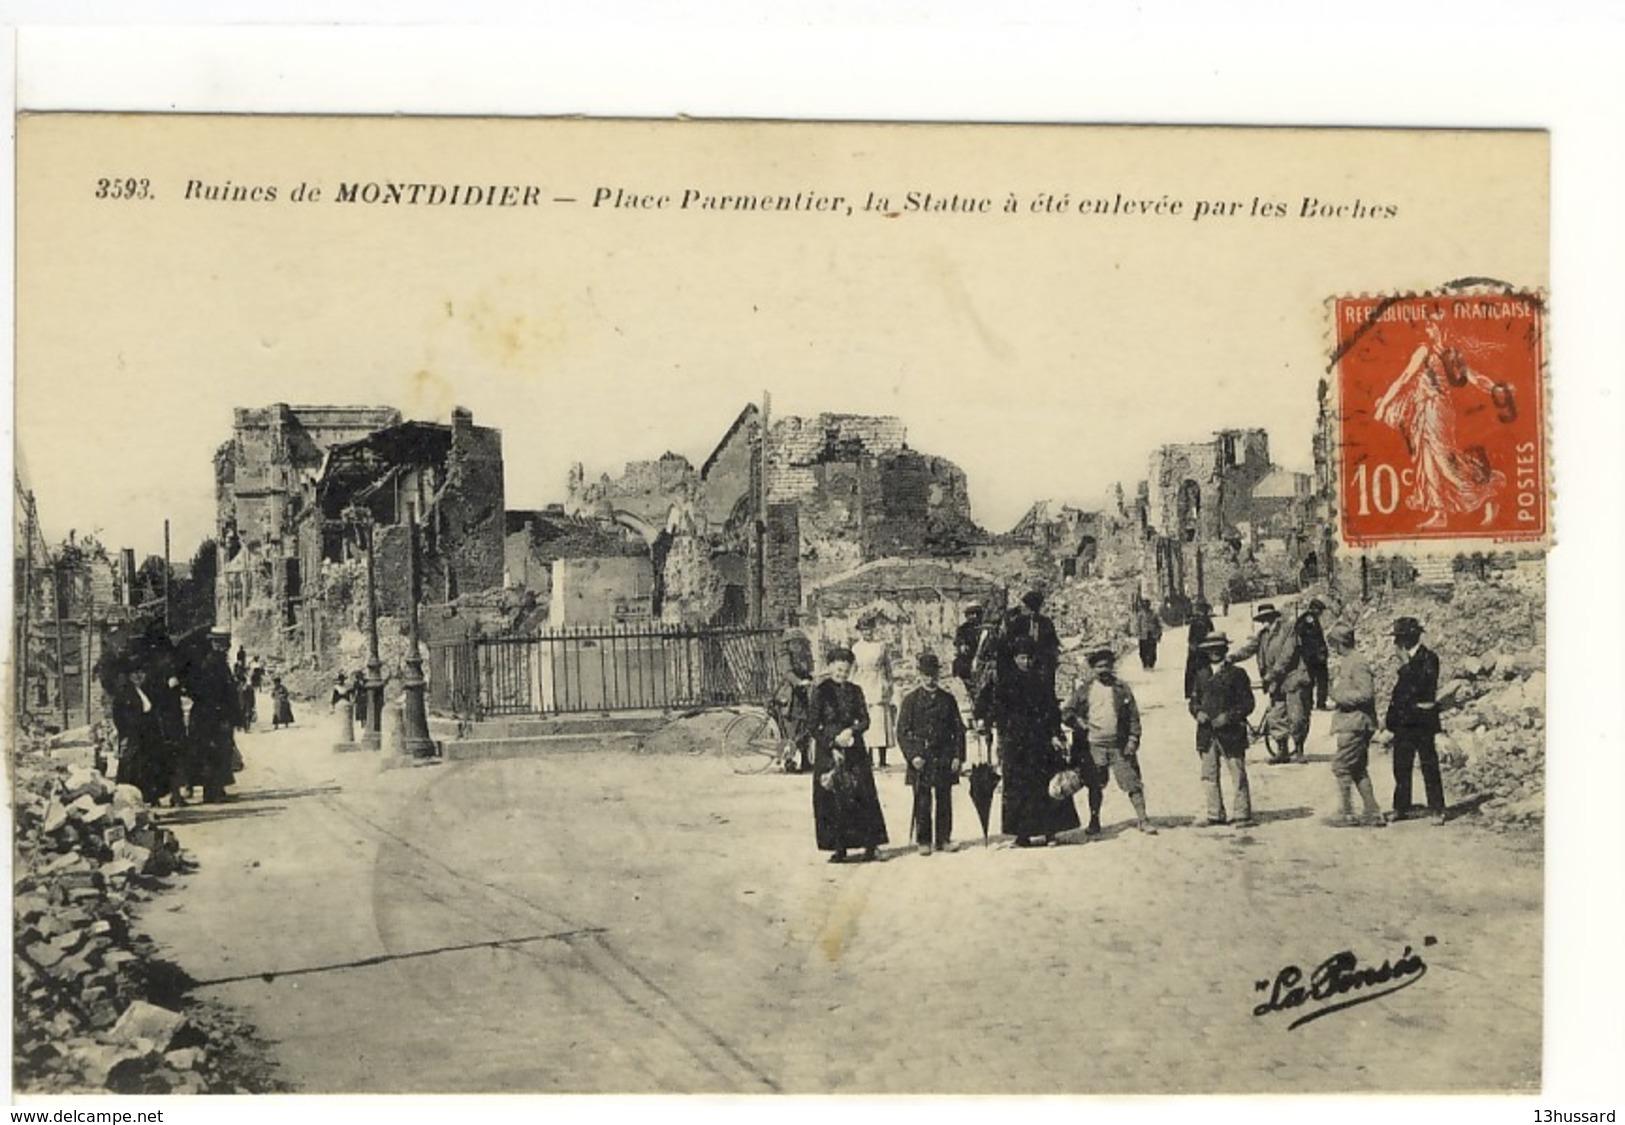 Carte Postale Ancienne Montdidier - Place Parmentier, La Statue A été Enlevée Par Les Boches - Ruines, Guerre 1914 1918 - Montdidier